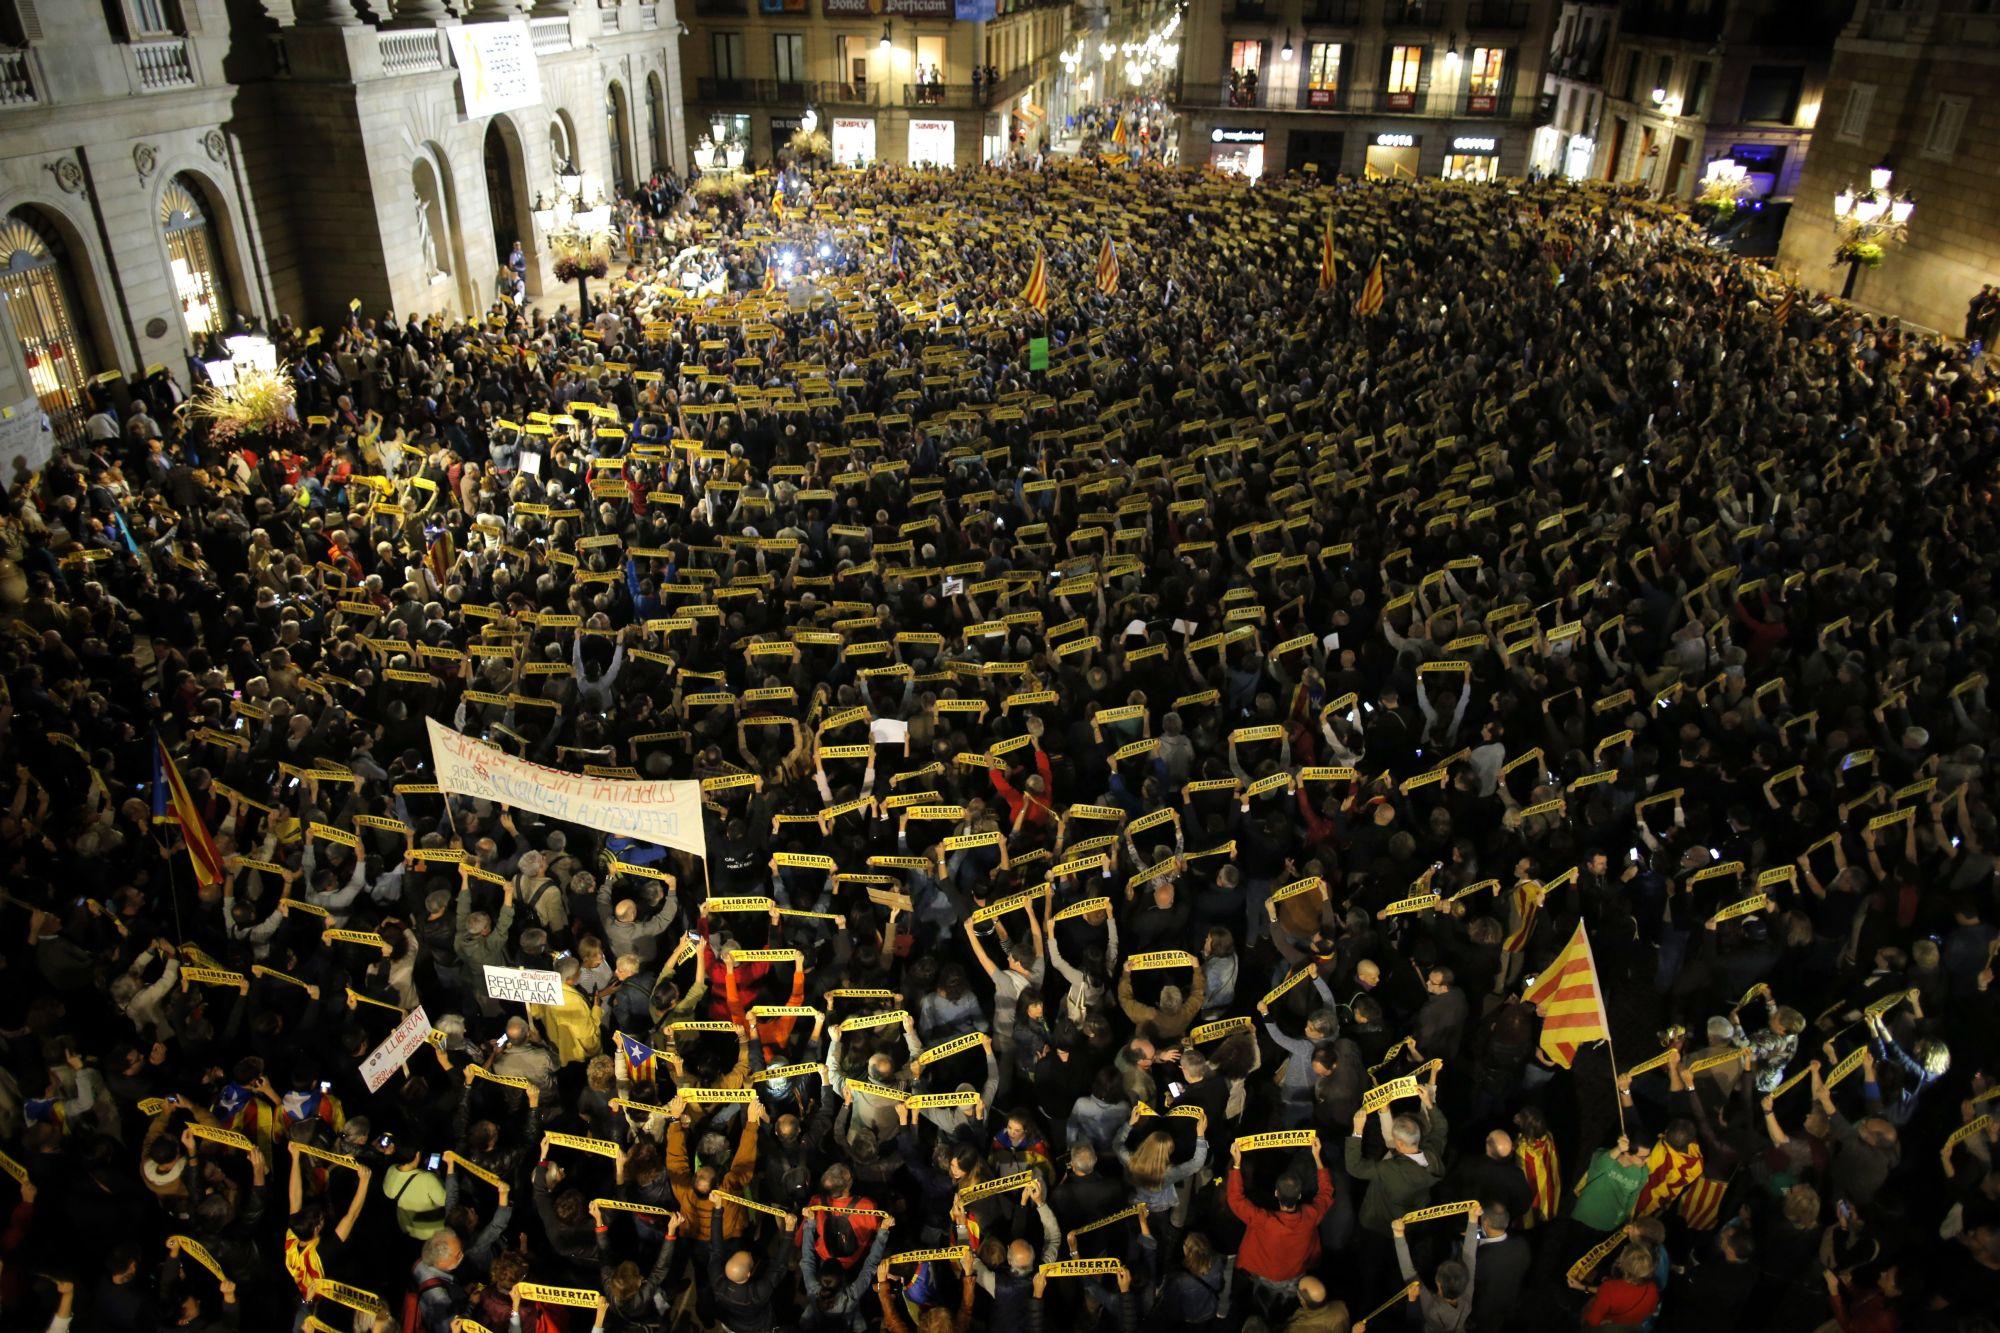 Barcelona, 2017. november 4. Tüntetők tiltakoznak a leváltott katalán kormány nyolc volt tagjának bebörtönzése ellen a barcelonai Jant Jaume téren 2017. november 3-án. Négy nappal korábban José Manuel Maza spanyol állami főügyész büntetőeljárást kezdeményezett a feloszlatott katalán kormány, valamint a katalán parlament elnökségének tagjai ellen lázadás, zendülés, hűtlen kezelés és egyéb bűncselekmények miatt. (MTI/AP/Manu Fernandez)